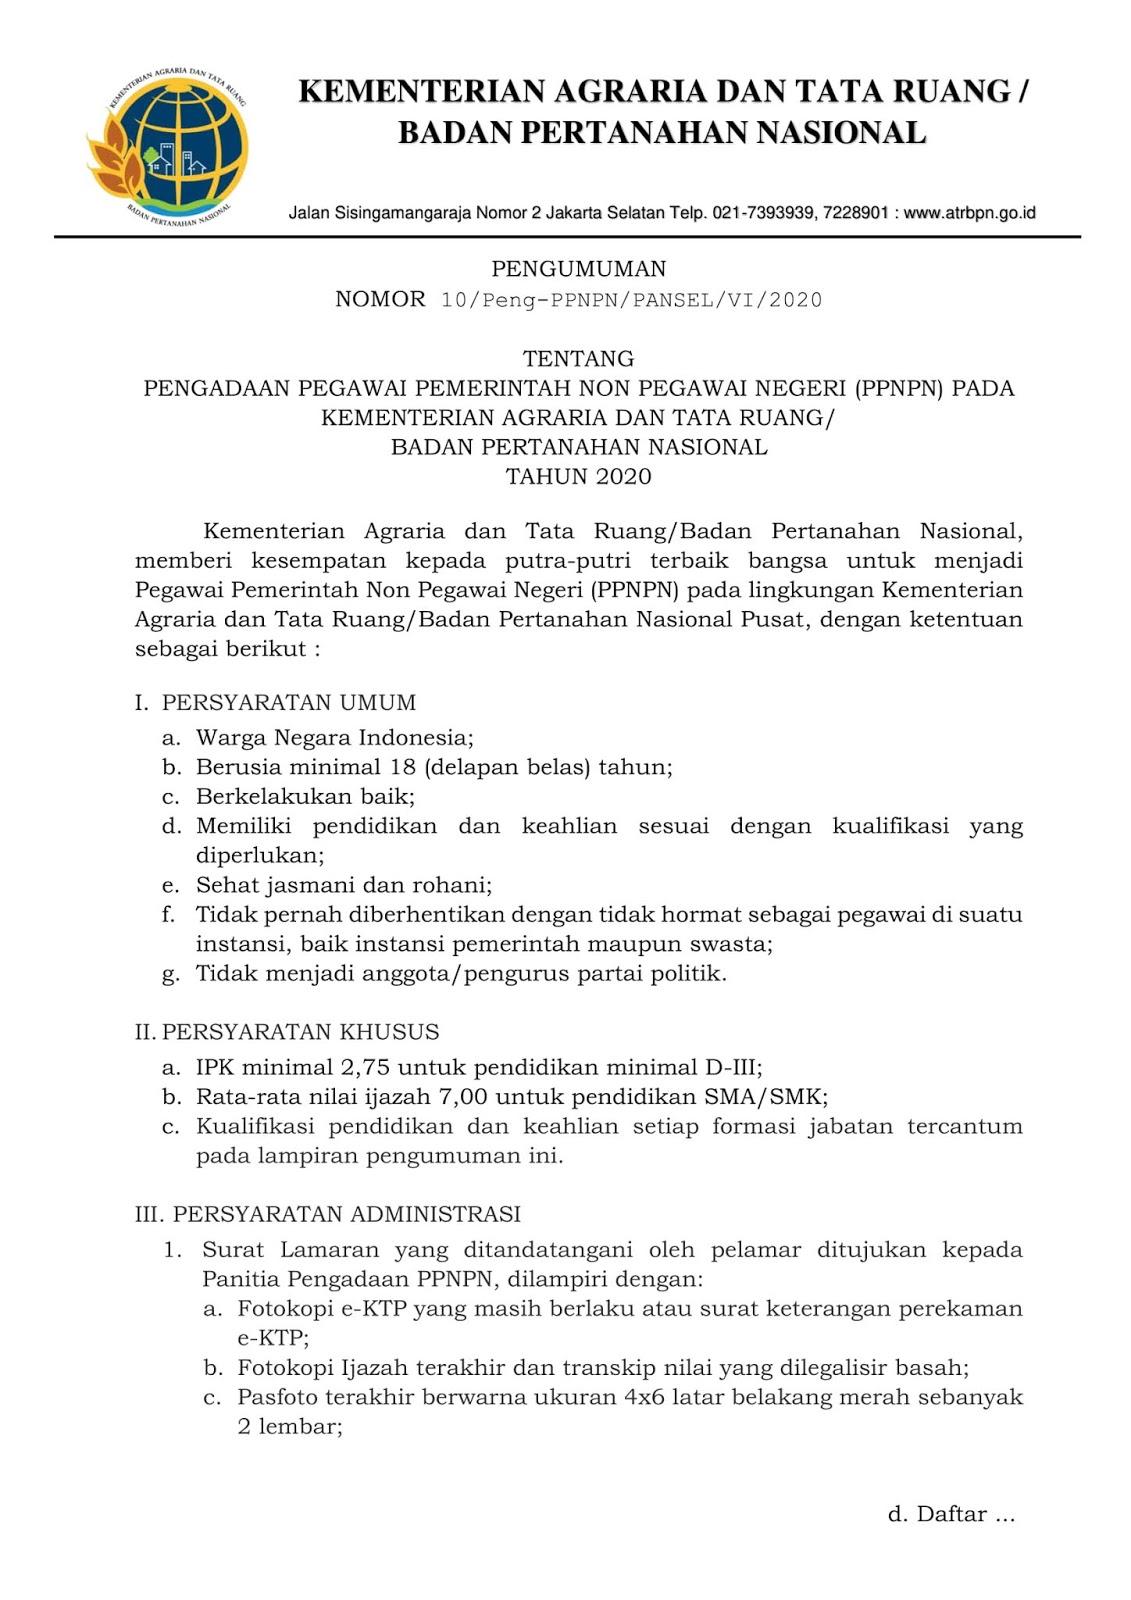 Lowongan Kerja SMA SMK PPNPN Kementerian Agraria dan Tata Ruang/Badan Pertanahan Nasional